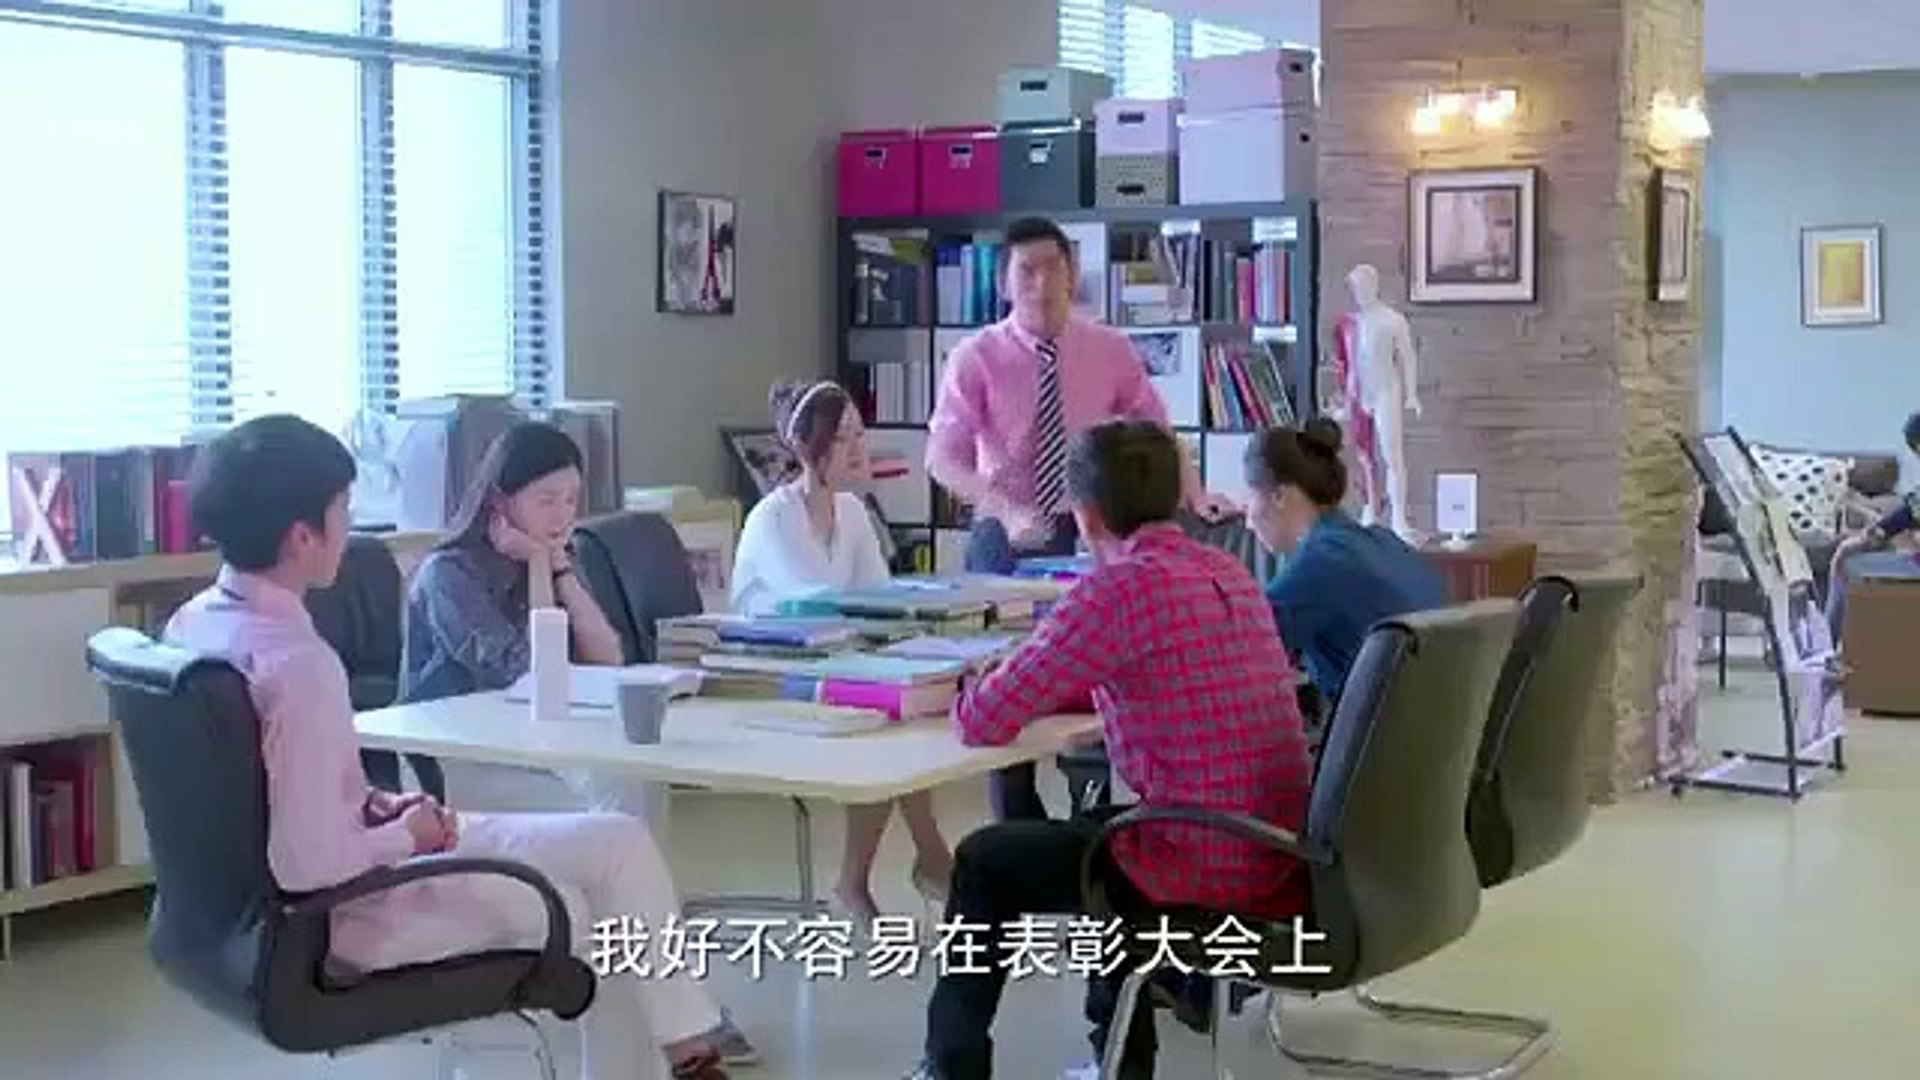 Trưởng Thành Tập 18 - Phim Trung Quốc - VTV2 Thuyết Minh - Phim Truong Thanh Tap 18 - Phim Truong Th